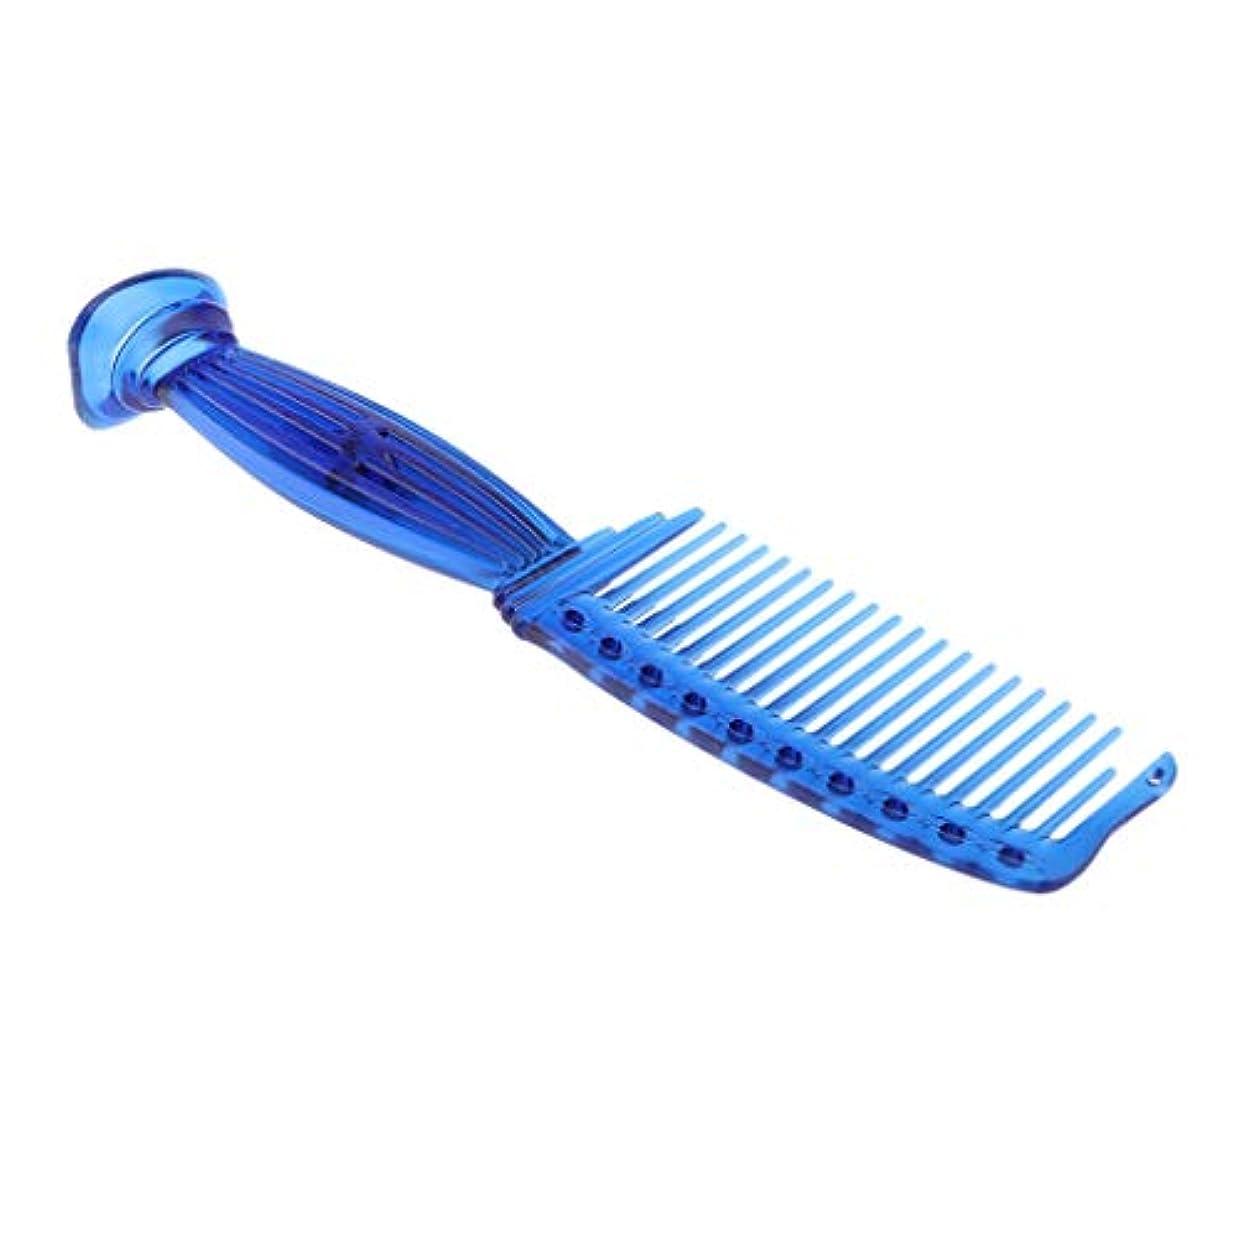 低下ぼろラウンジ櫛 ワイド歯 スムースコーム プラスチック ヘアブラシ 5色選べ - 青